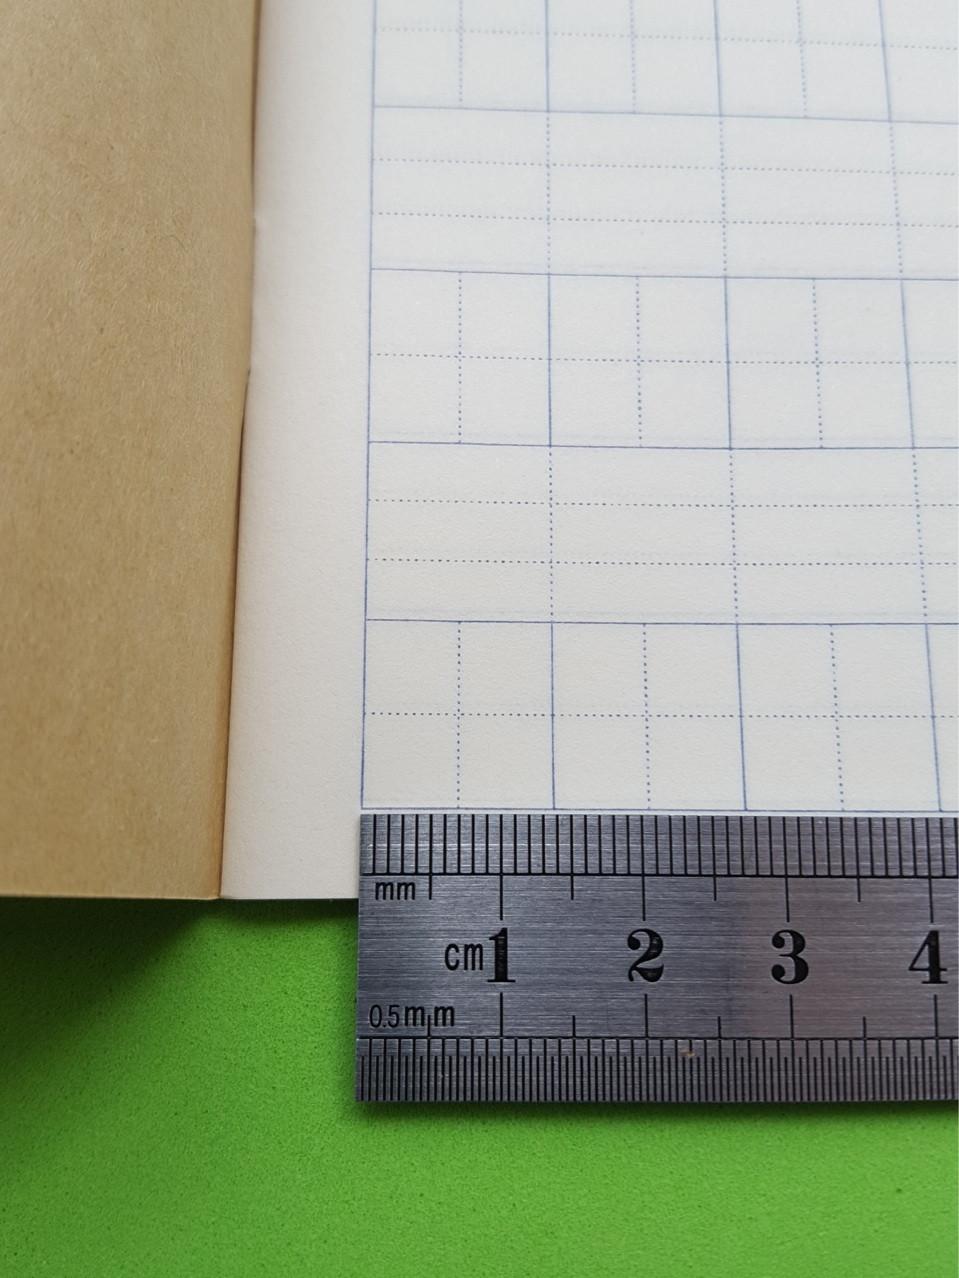 [Комплект 20 шт.] Тетрадь для написания иероглифов. Клетка 14 мм с пунктиром и расширенным полем для пиньинь.